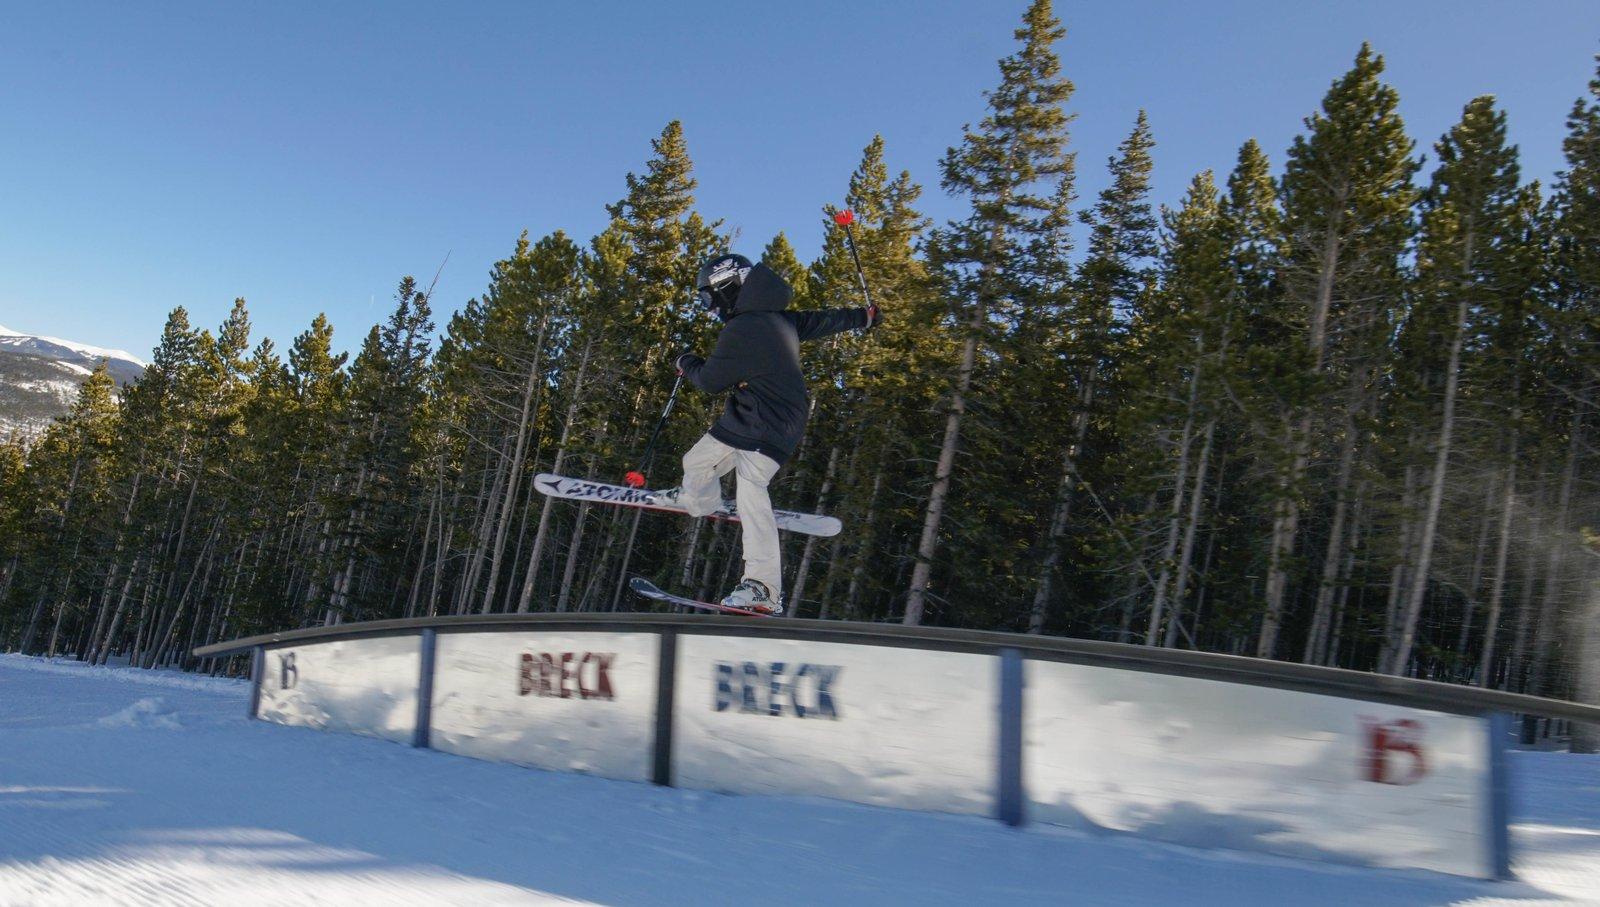 Breck back slide